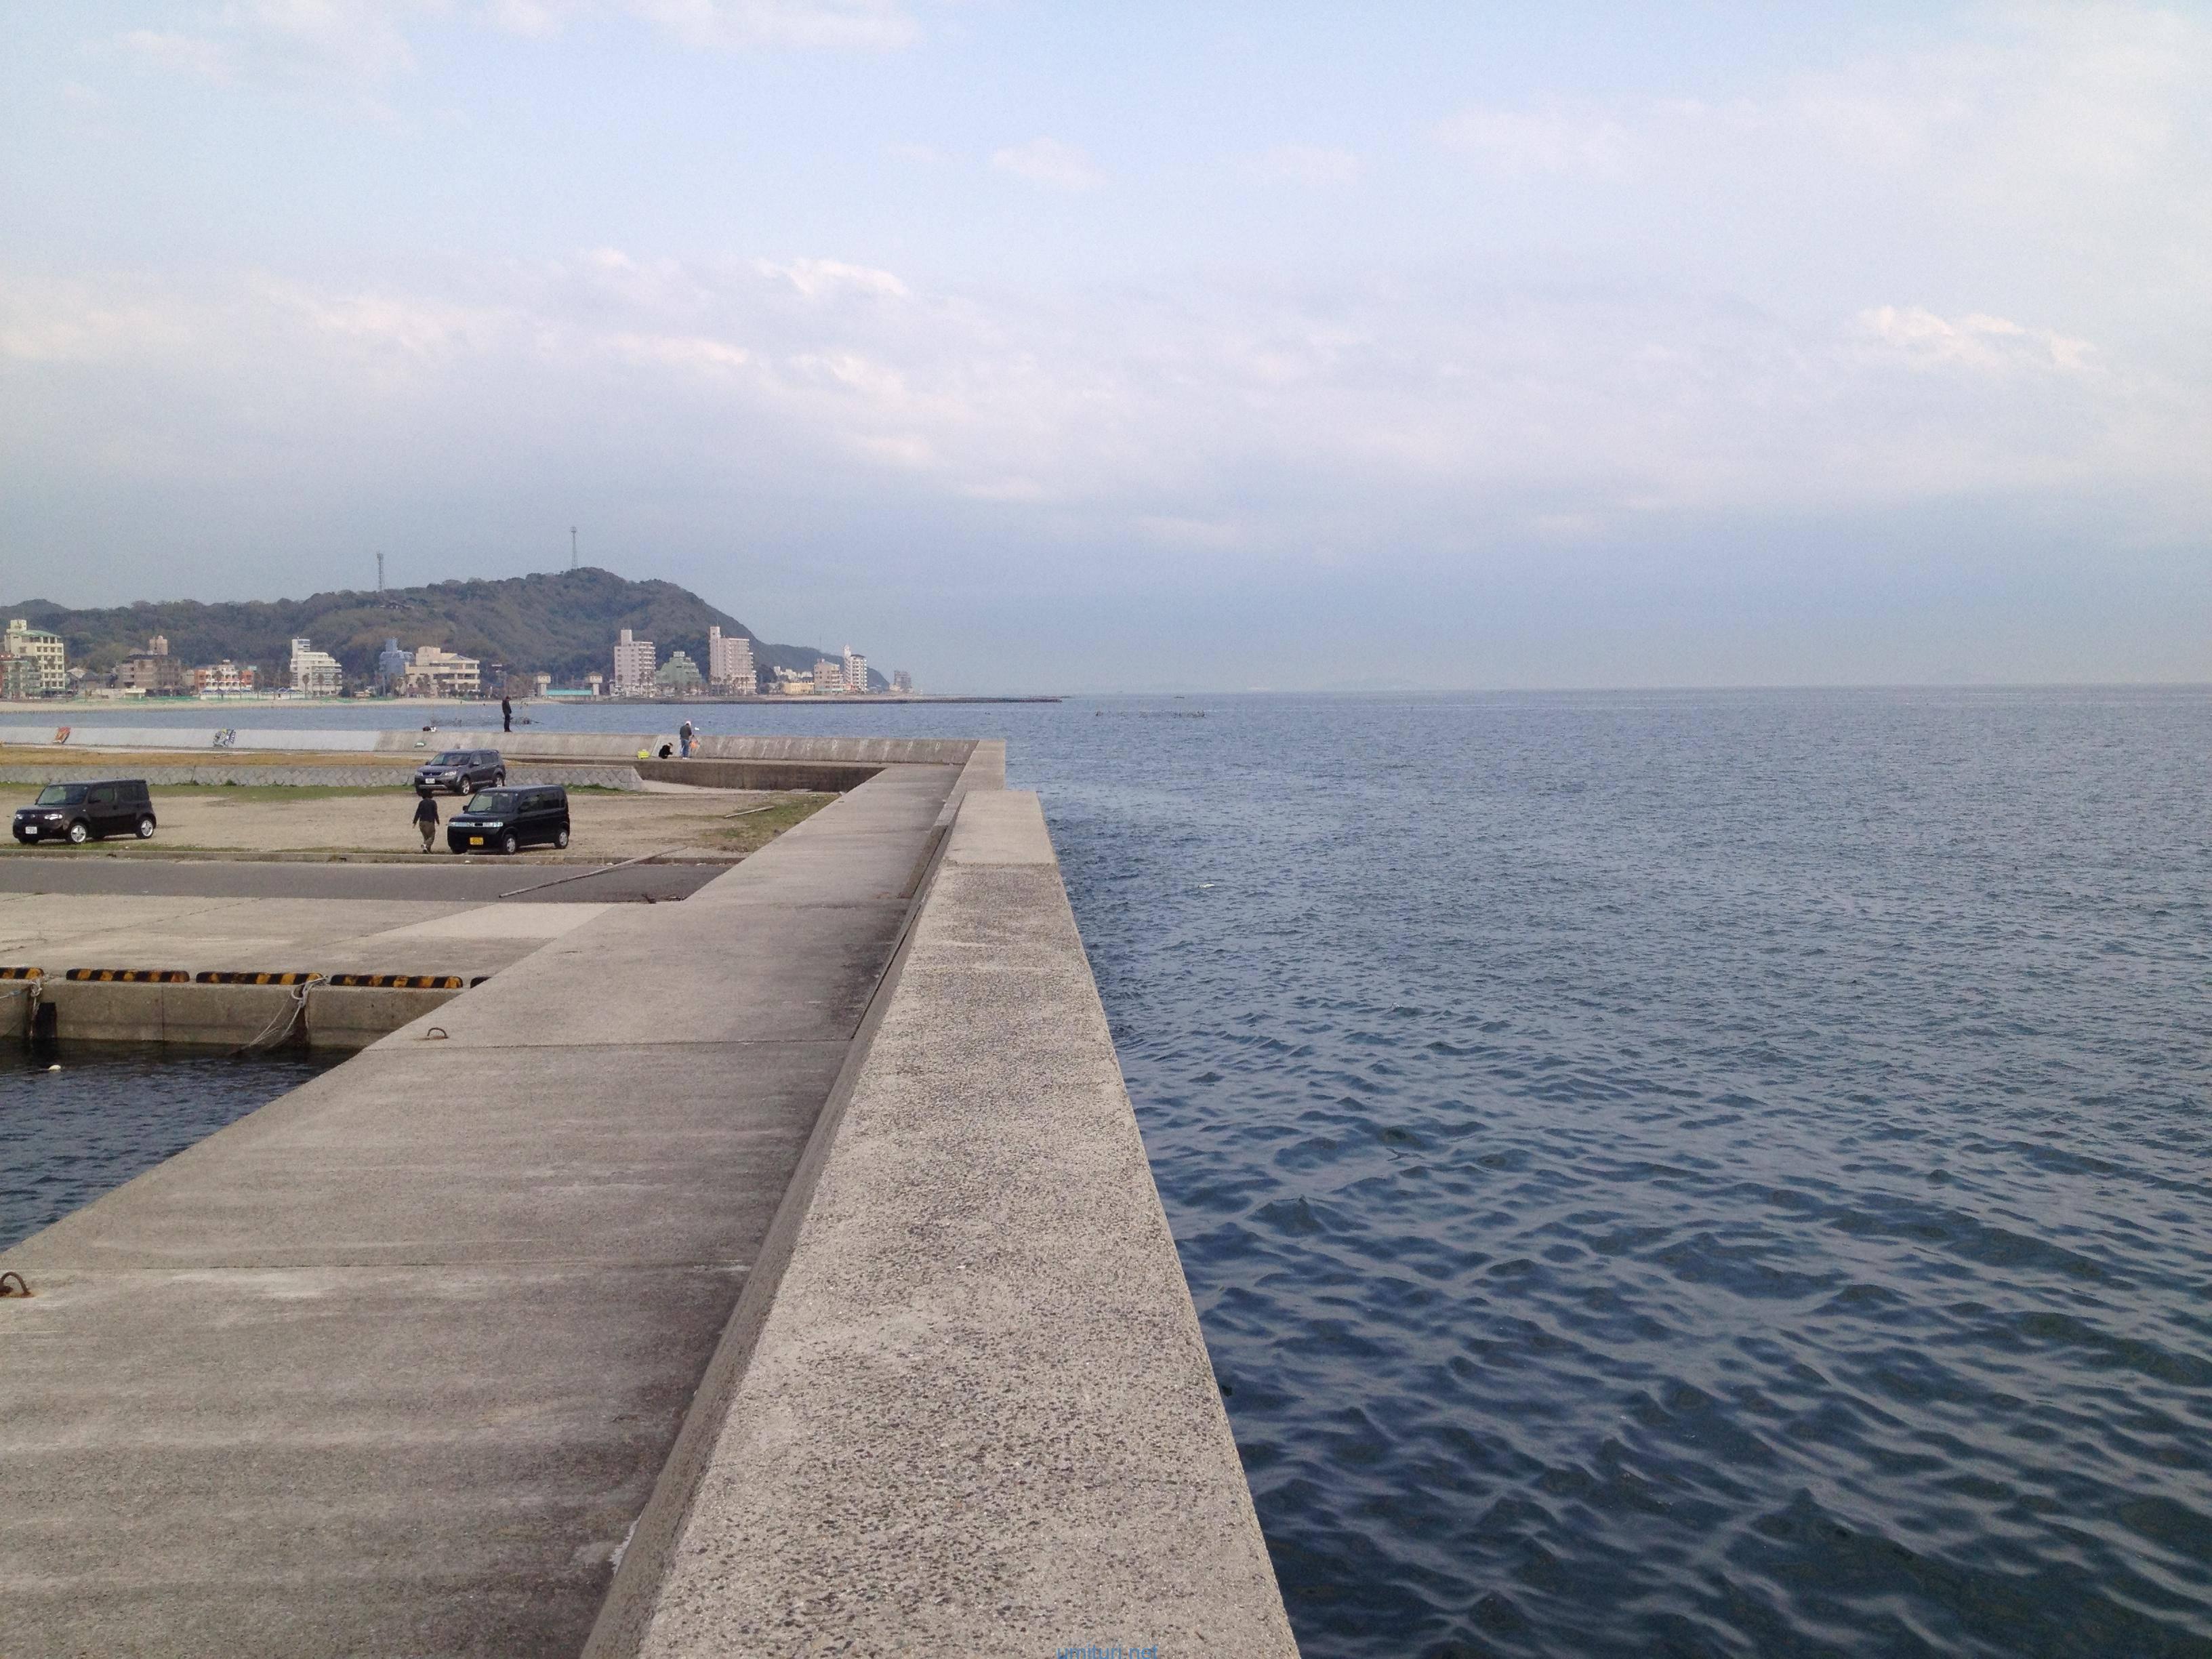 堤防で釣り場選びのポイントとなる「魚がいる場所」を解説